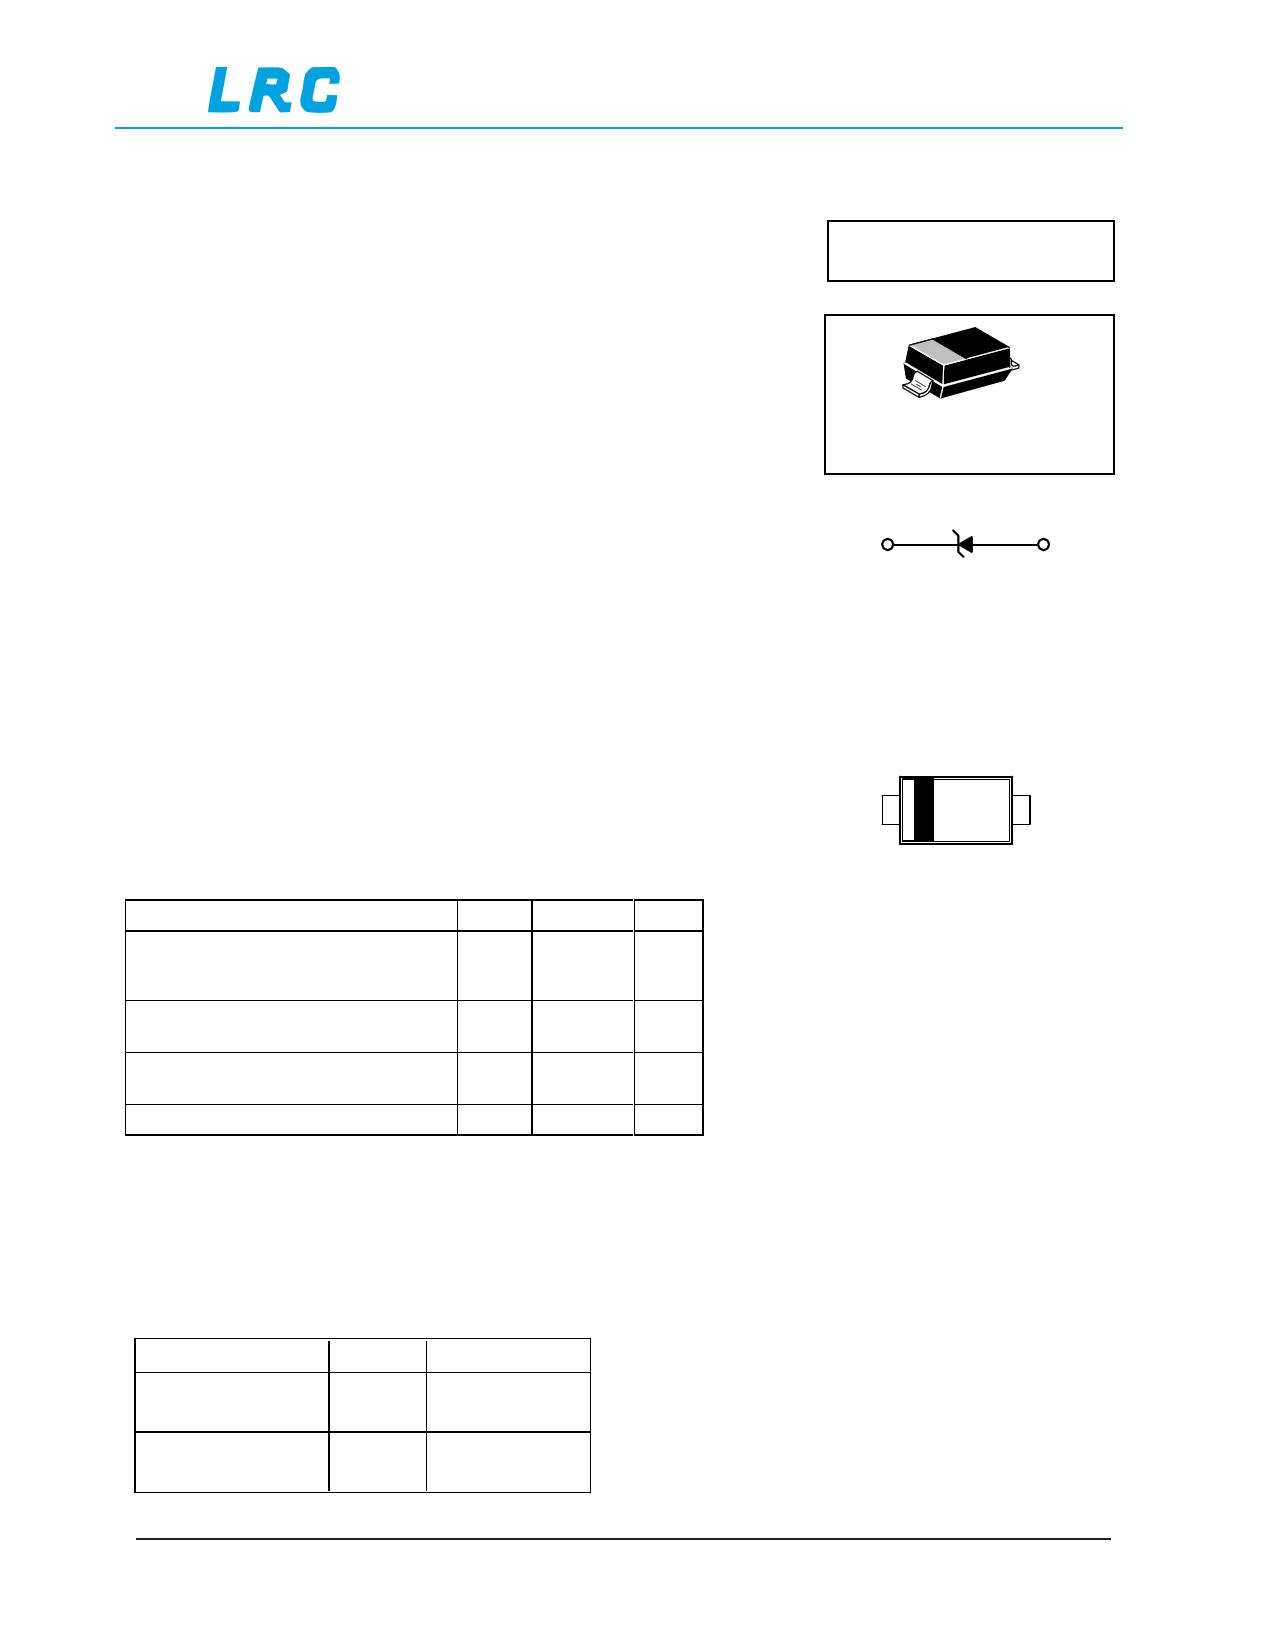 LMSZ5243BT1G datasheet, circuit